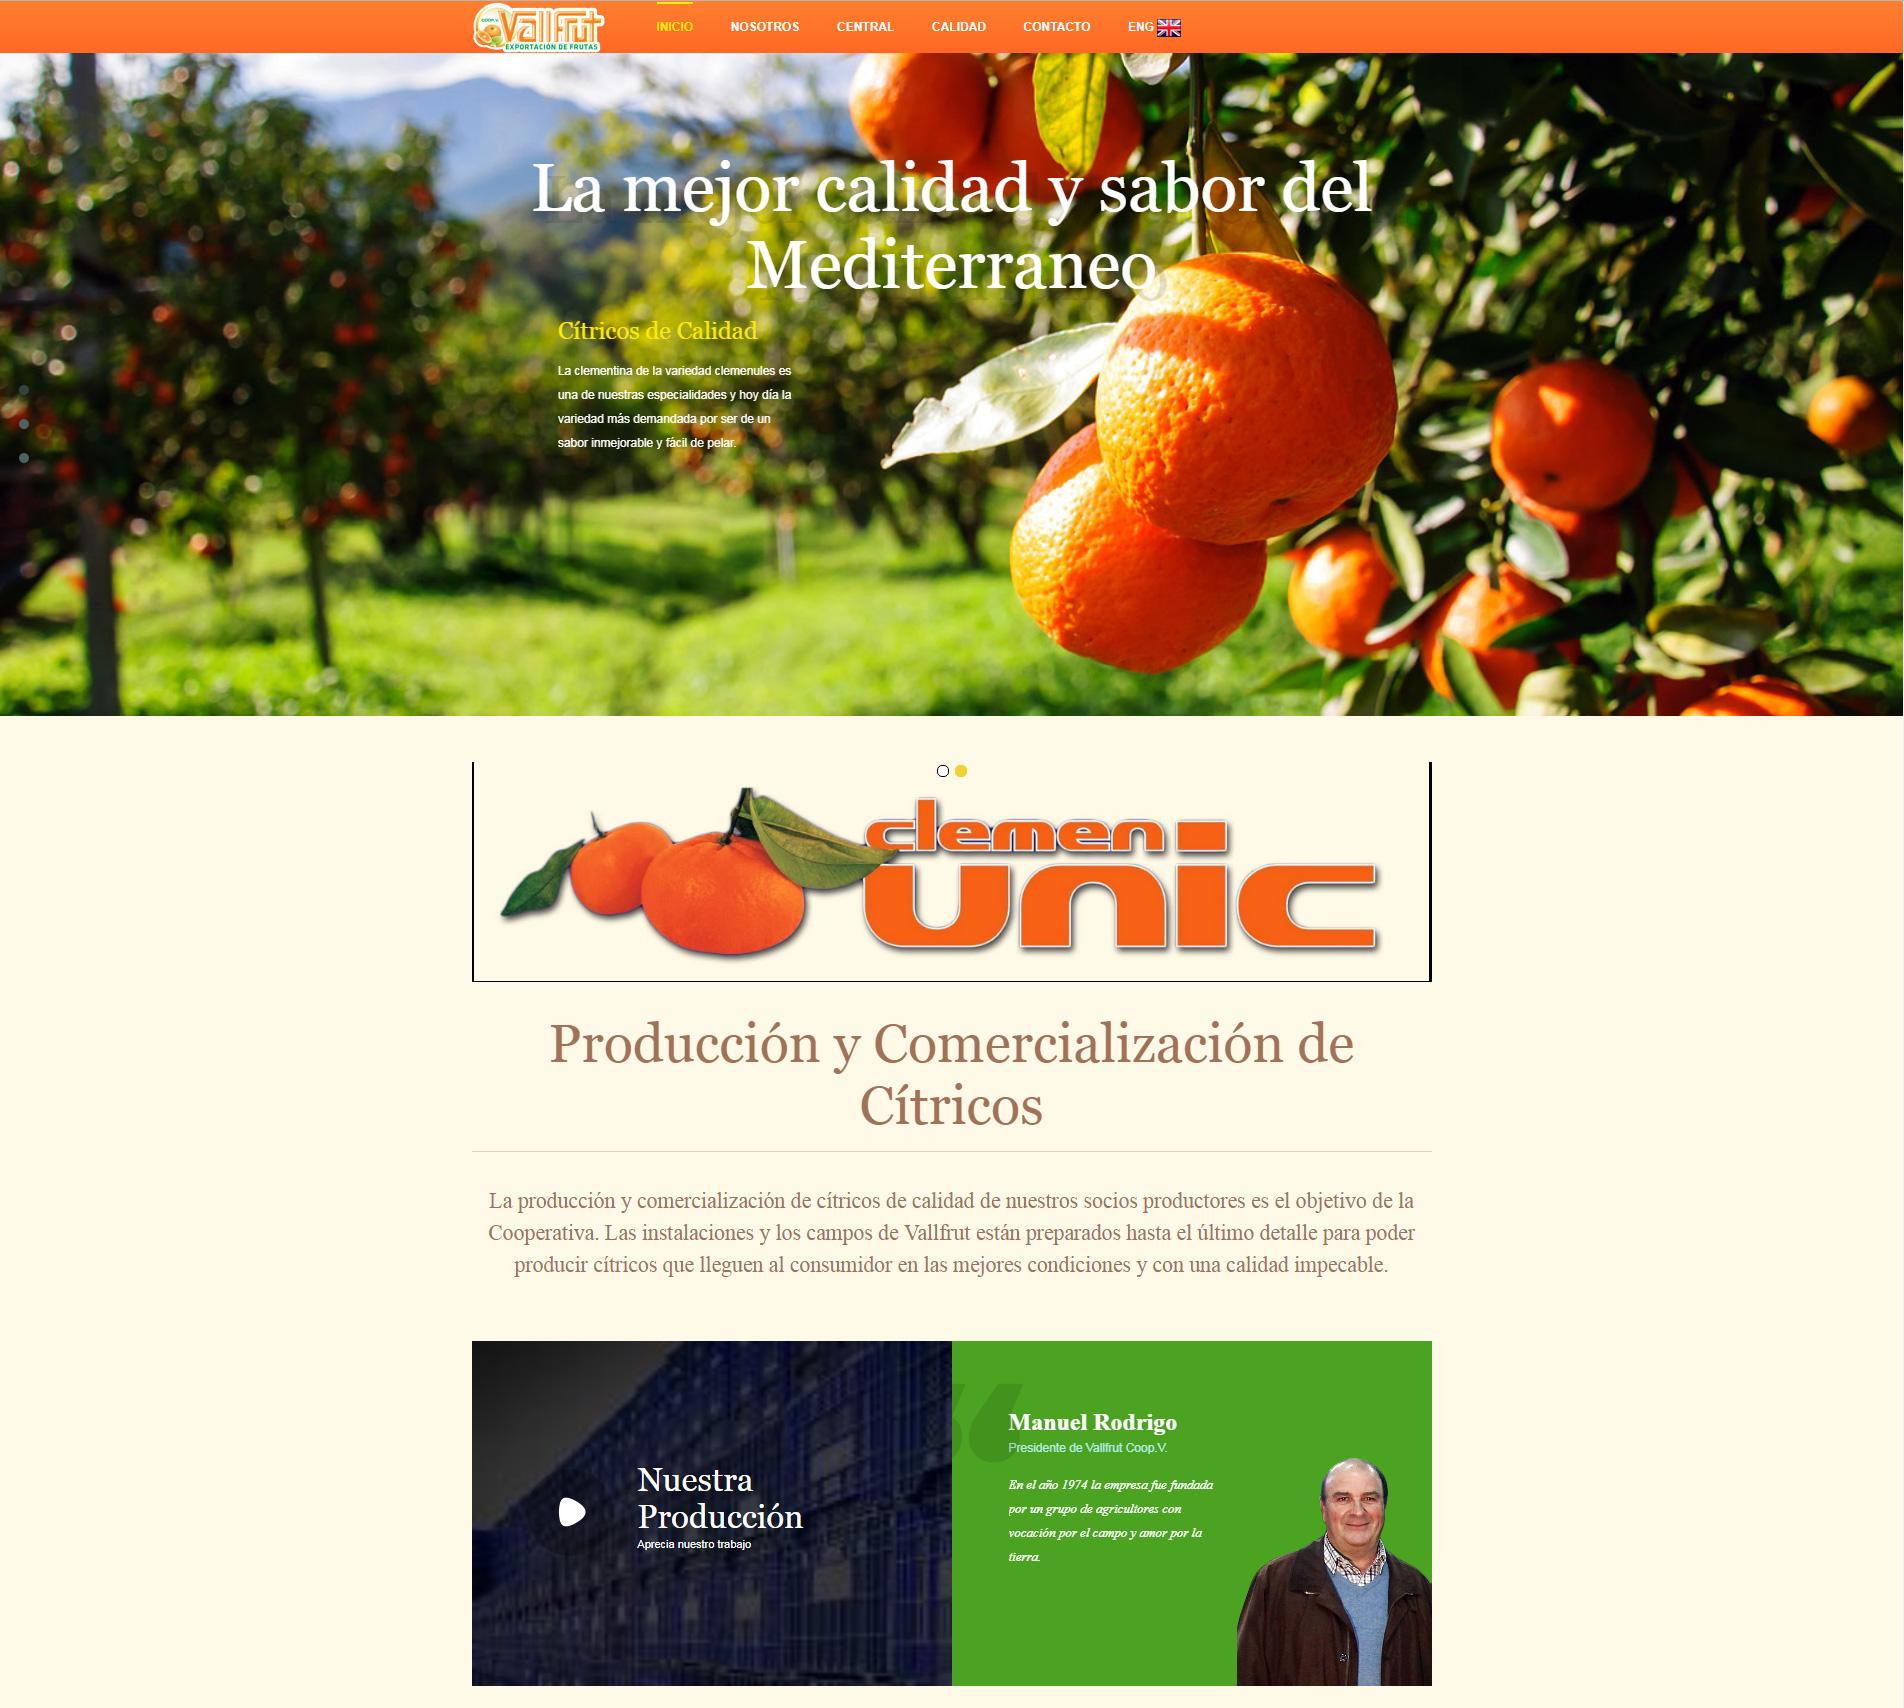 Nueva Web de Citricos en La Vall D'Uixó http://vallfrut.com/ +Autoadministrable +Tienda Online